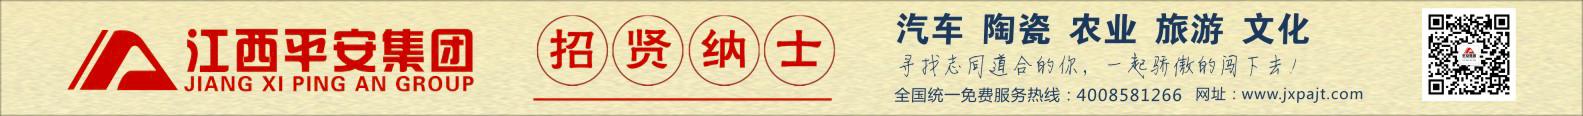 江西平安集团